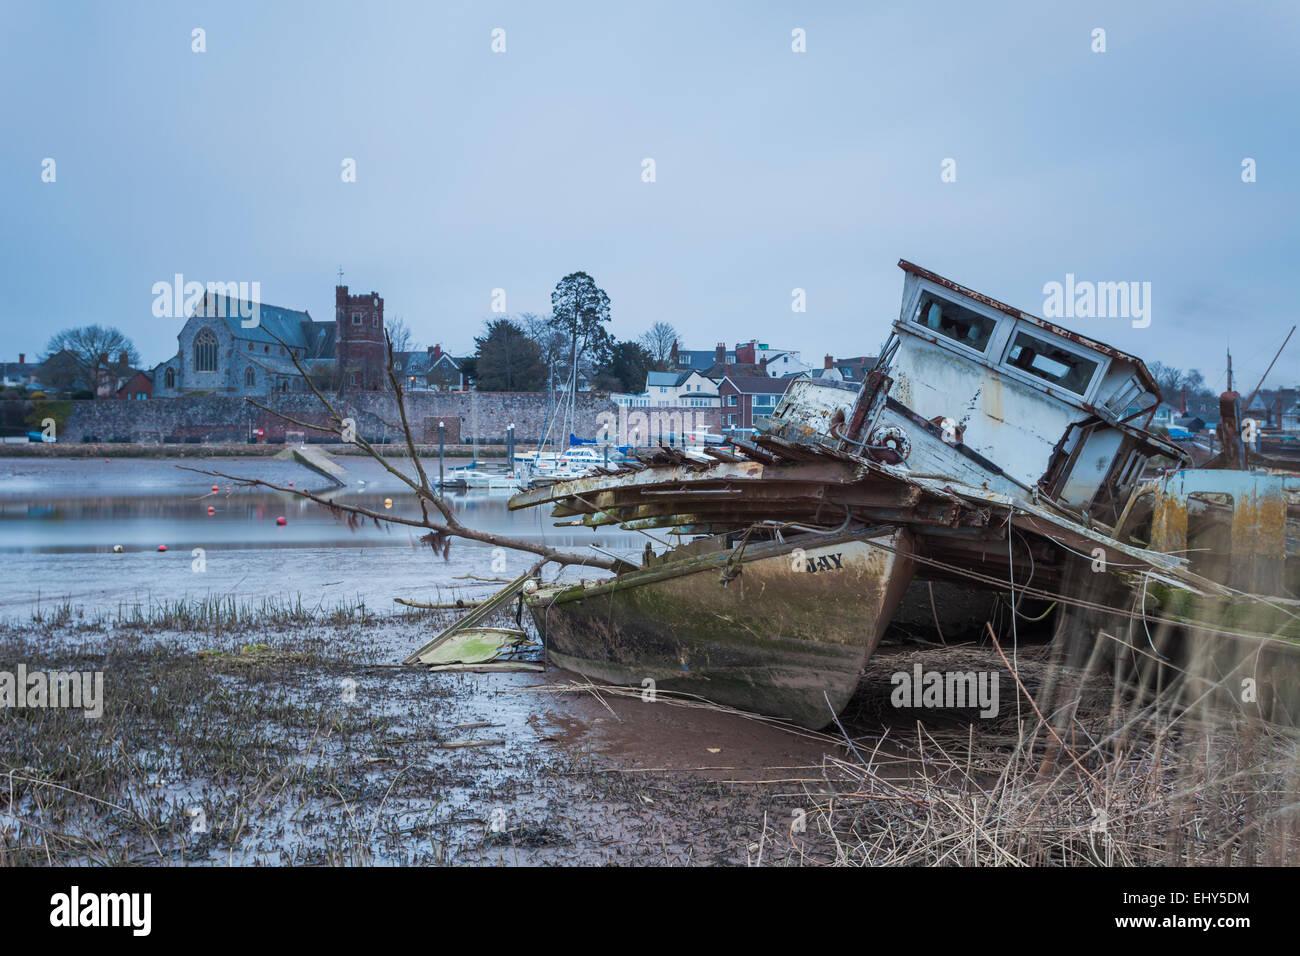 Boat wrecks on river Exe in Topsham near Exeter, UK. - Stock Image